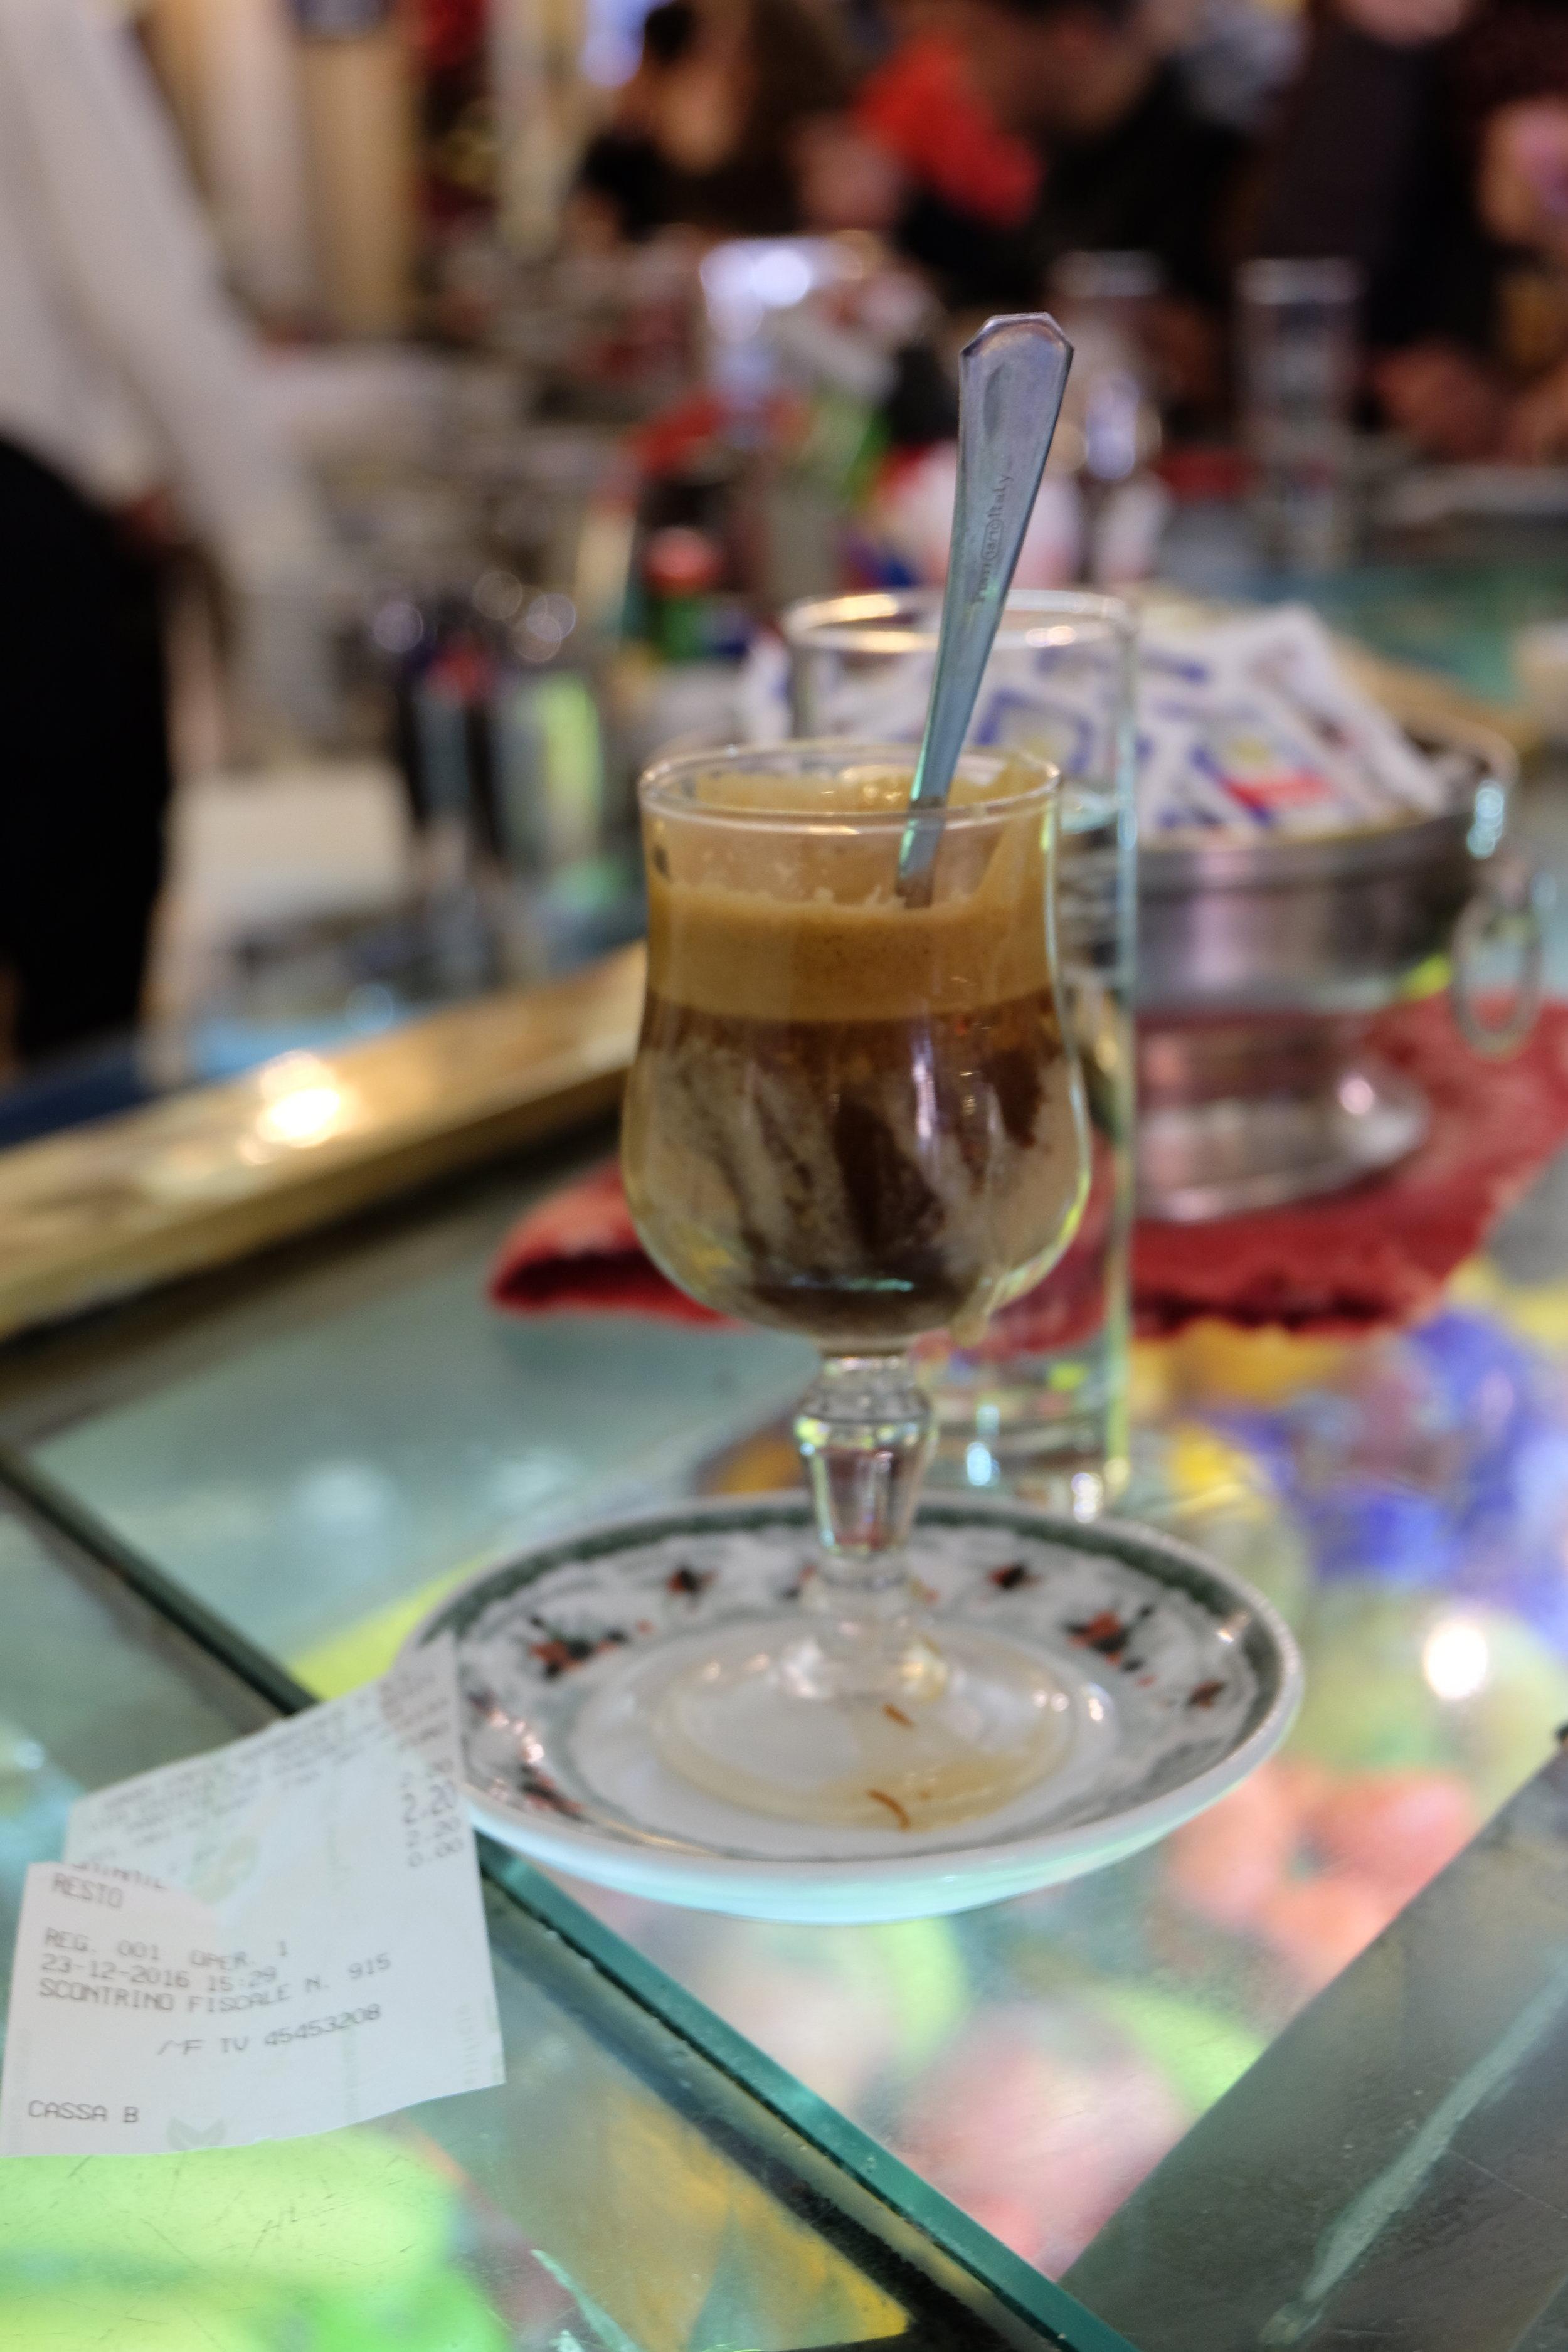 My favourite: caffè nocciolato (with hazelnut flavour).